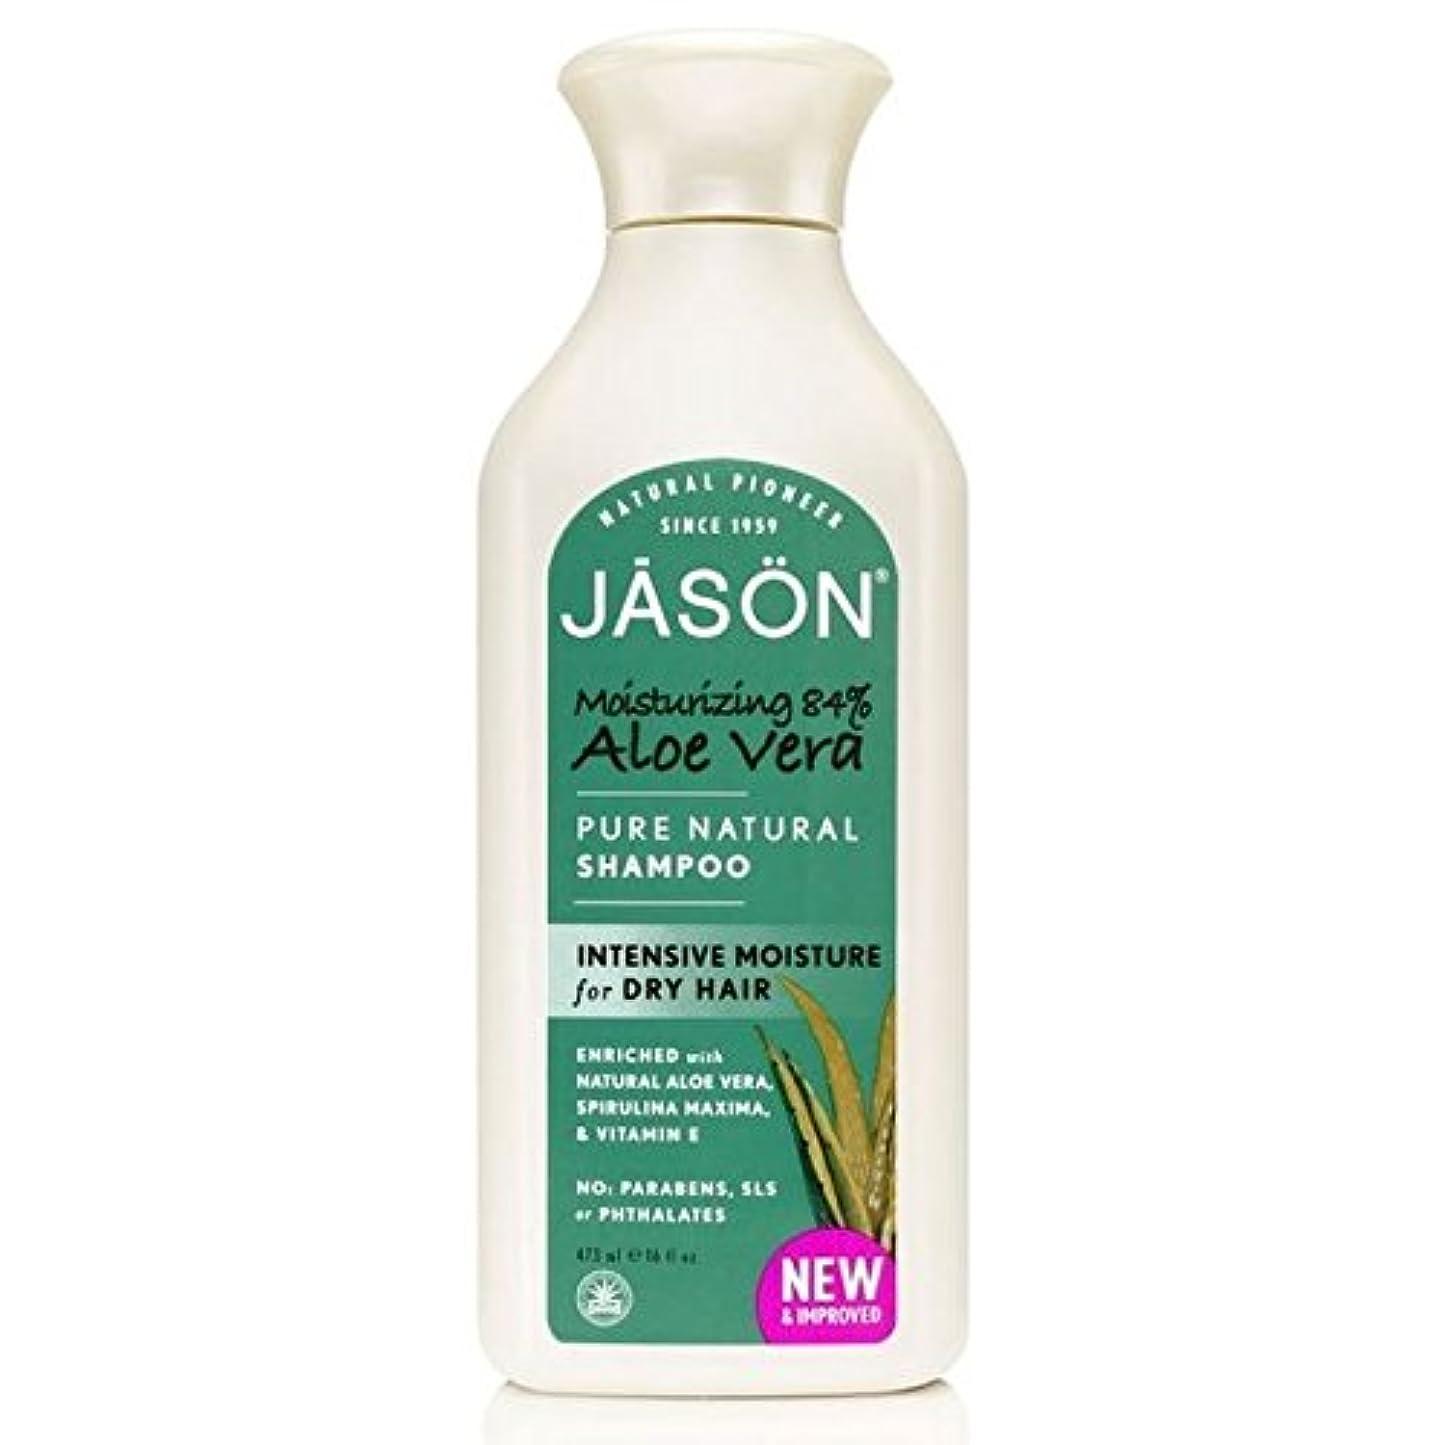 変更可能ぴかぴかセールジェイソンのアロエベラ84%の純粋な天然シャンプー475ミリリットル x2 - Jason Aloe Vera 84% Pure Natural Shampoo 475ml (Pack of 2) [並行輸入品]